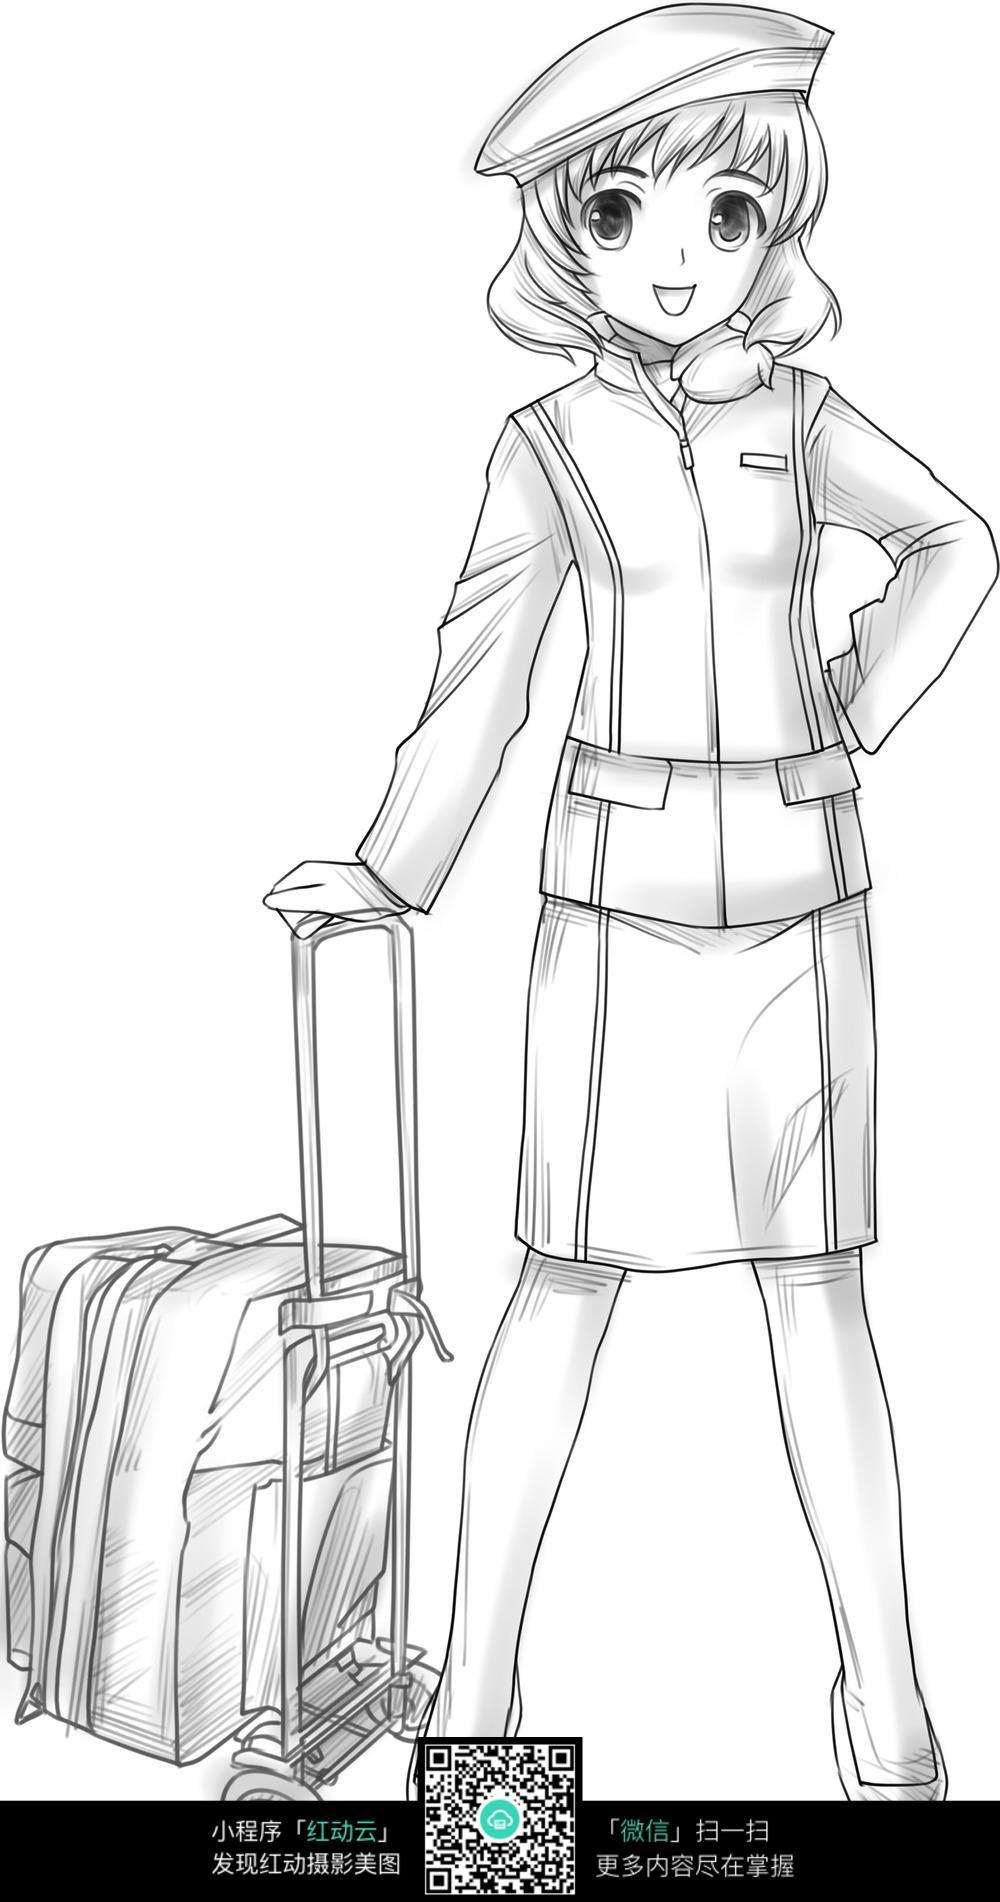 行李箱和少女卡通手绘线稿